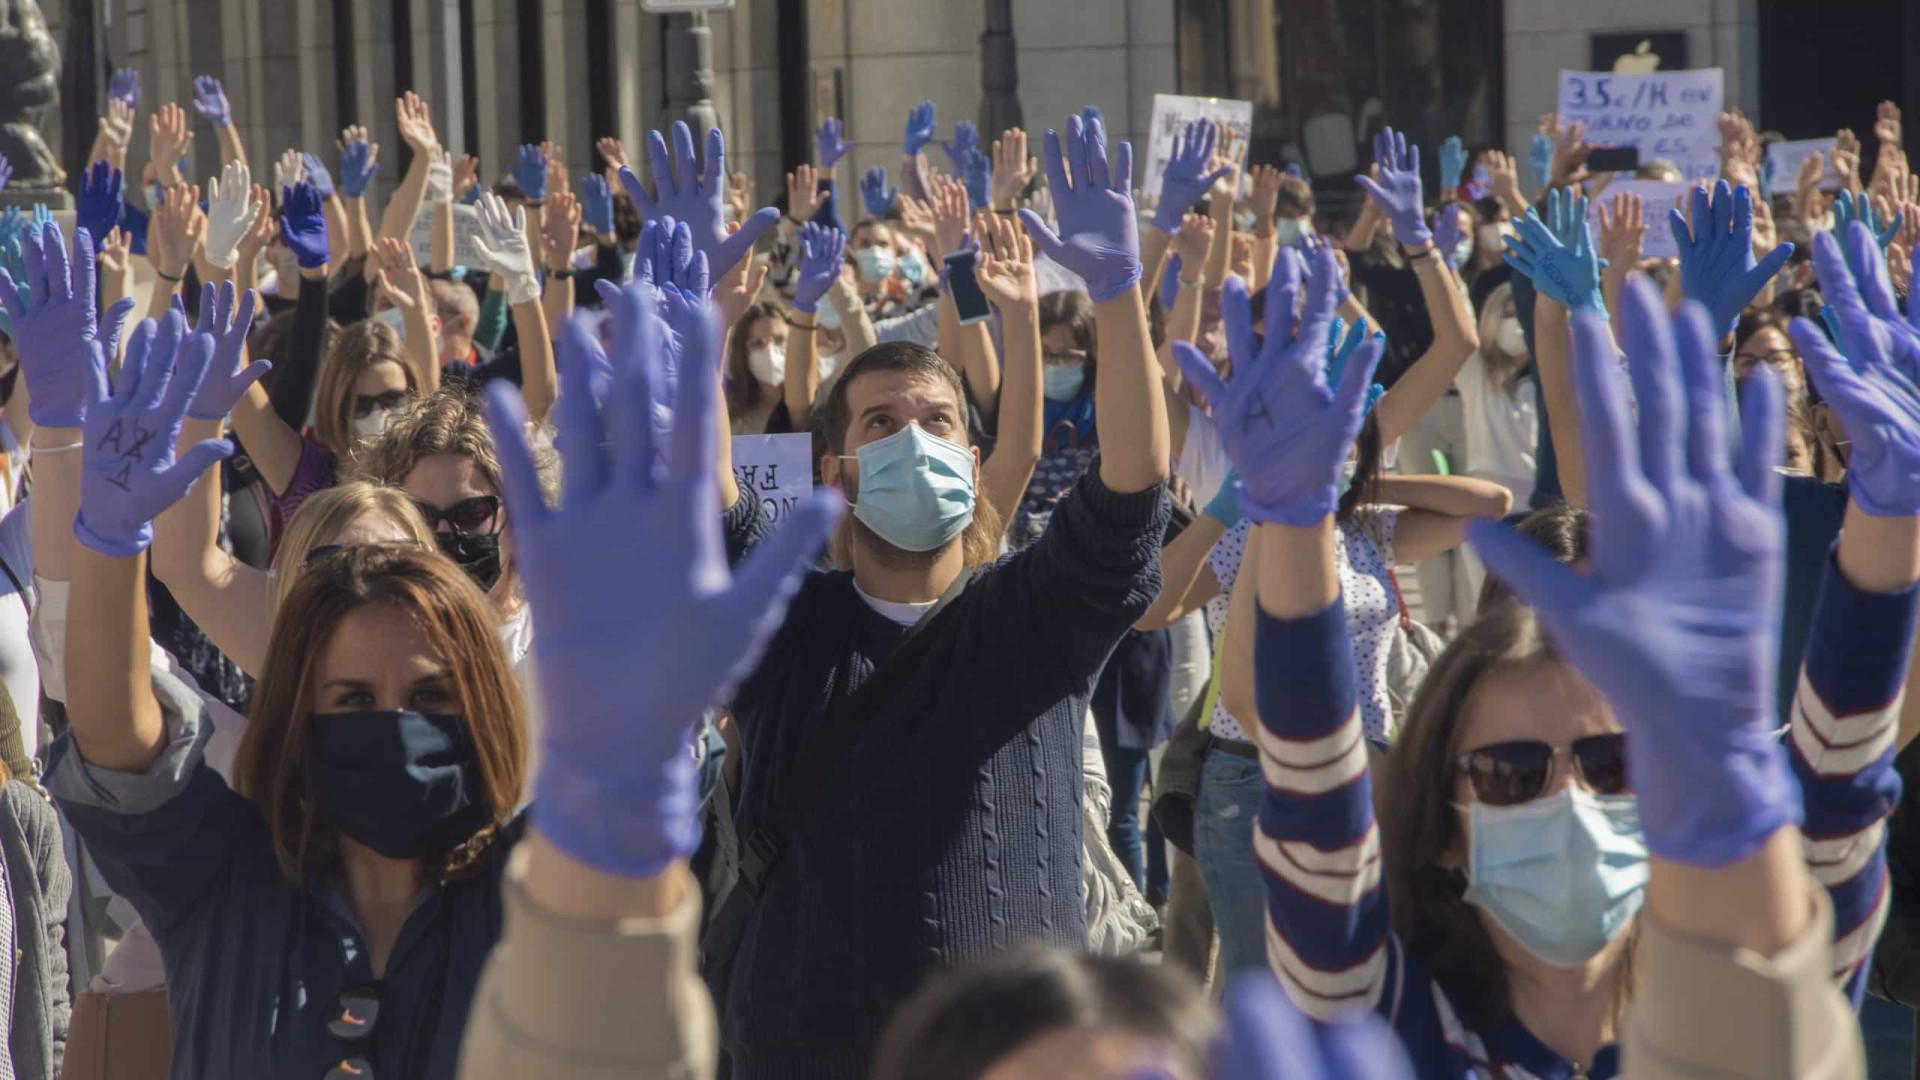 Pandemia ameaçará economia nos próximos 3 a 5 anos, diz Fórum Econômico Mundial